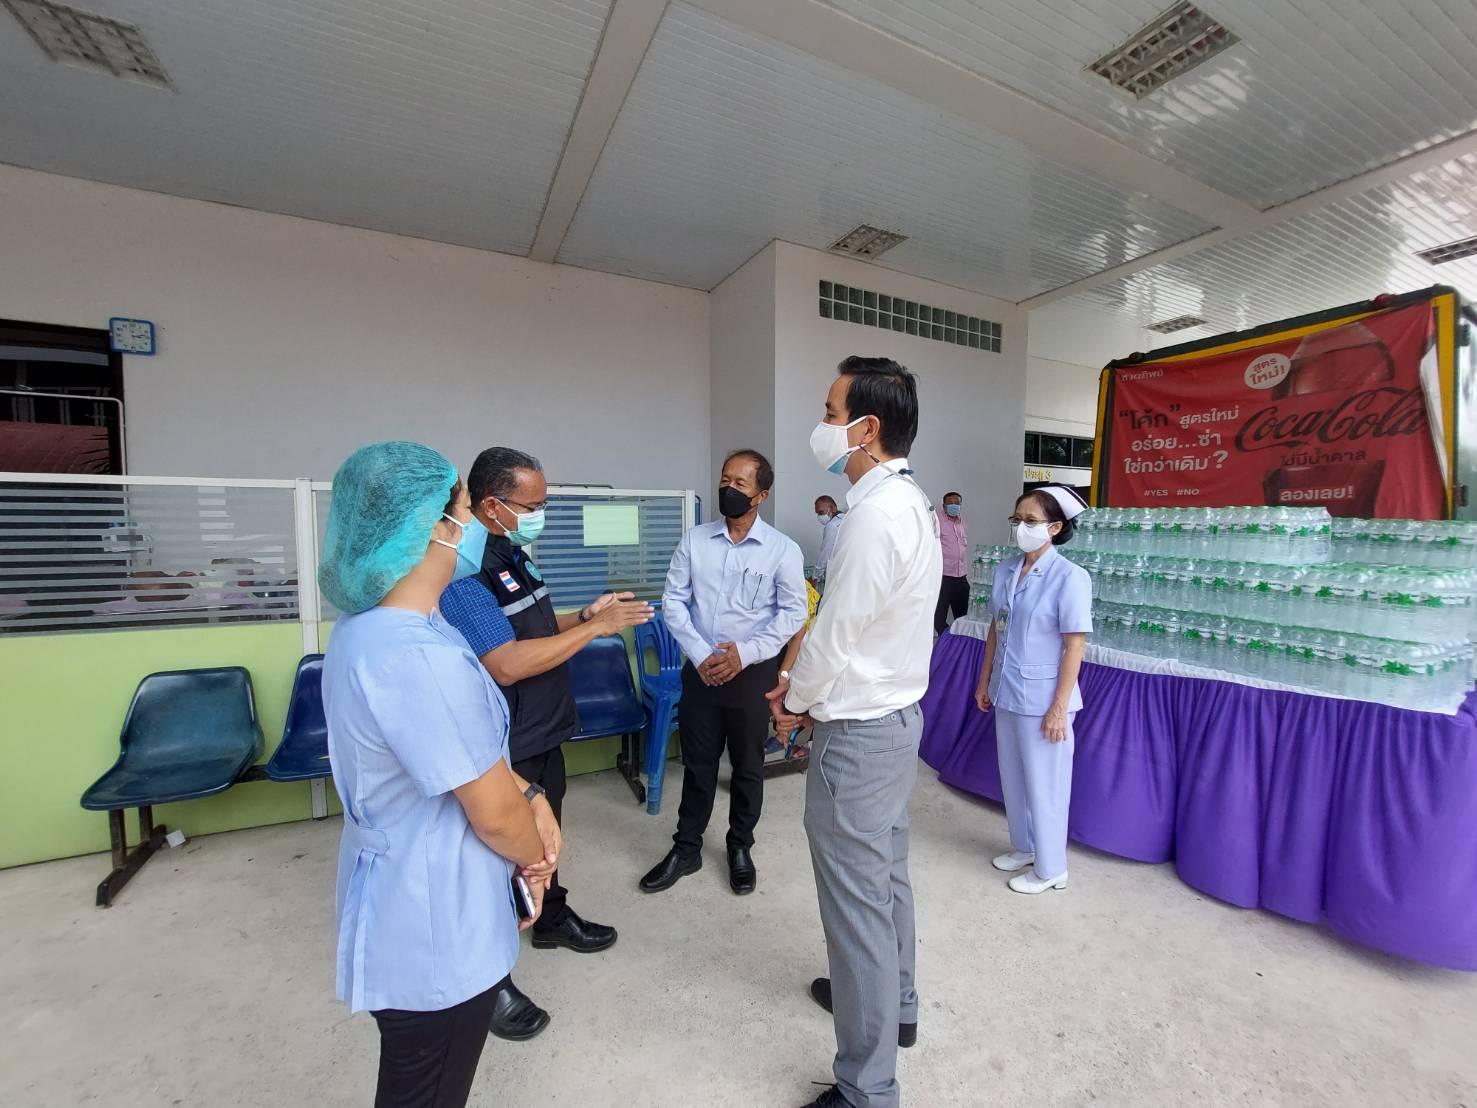 หอการค้าจังหวัดสงขลา ร่วมมอบน้ำดื่มน้ำทิพย์ จำนวน 360 แพ็ค ให้กับโรงพยาบาลบางกล่ำ โรงพยาบาลควนเนียง และโรงพยาบาลรัตภูมิ